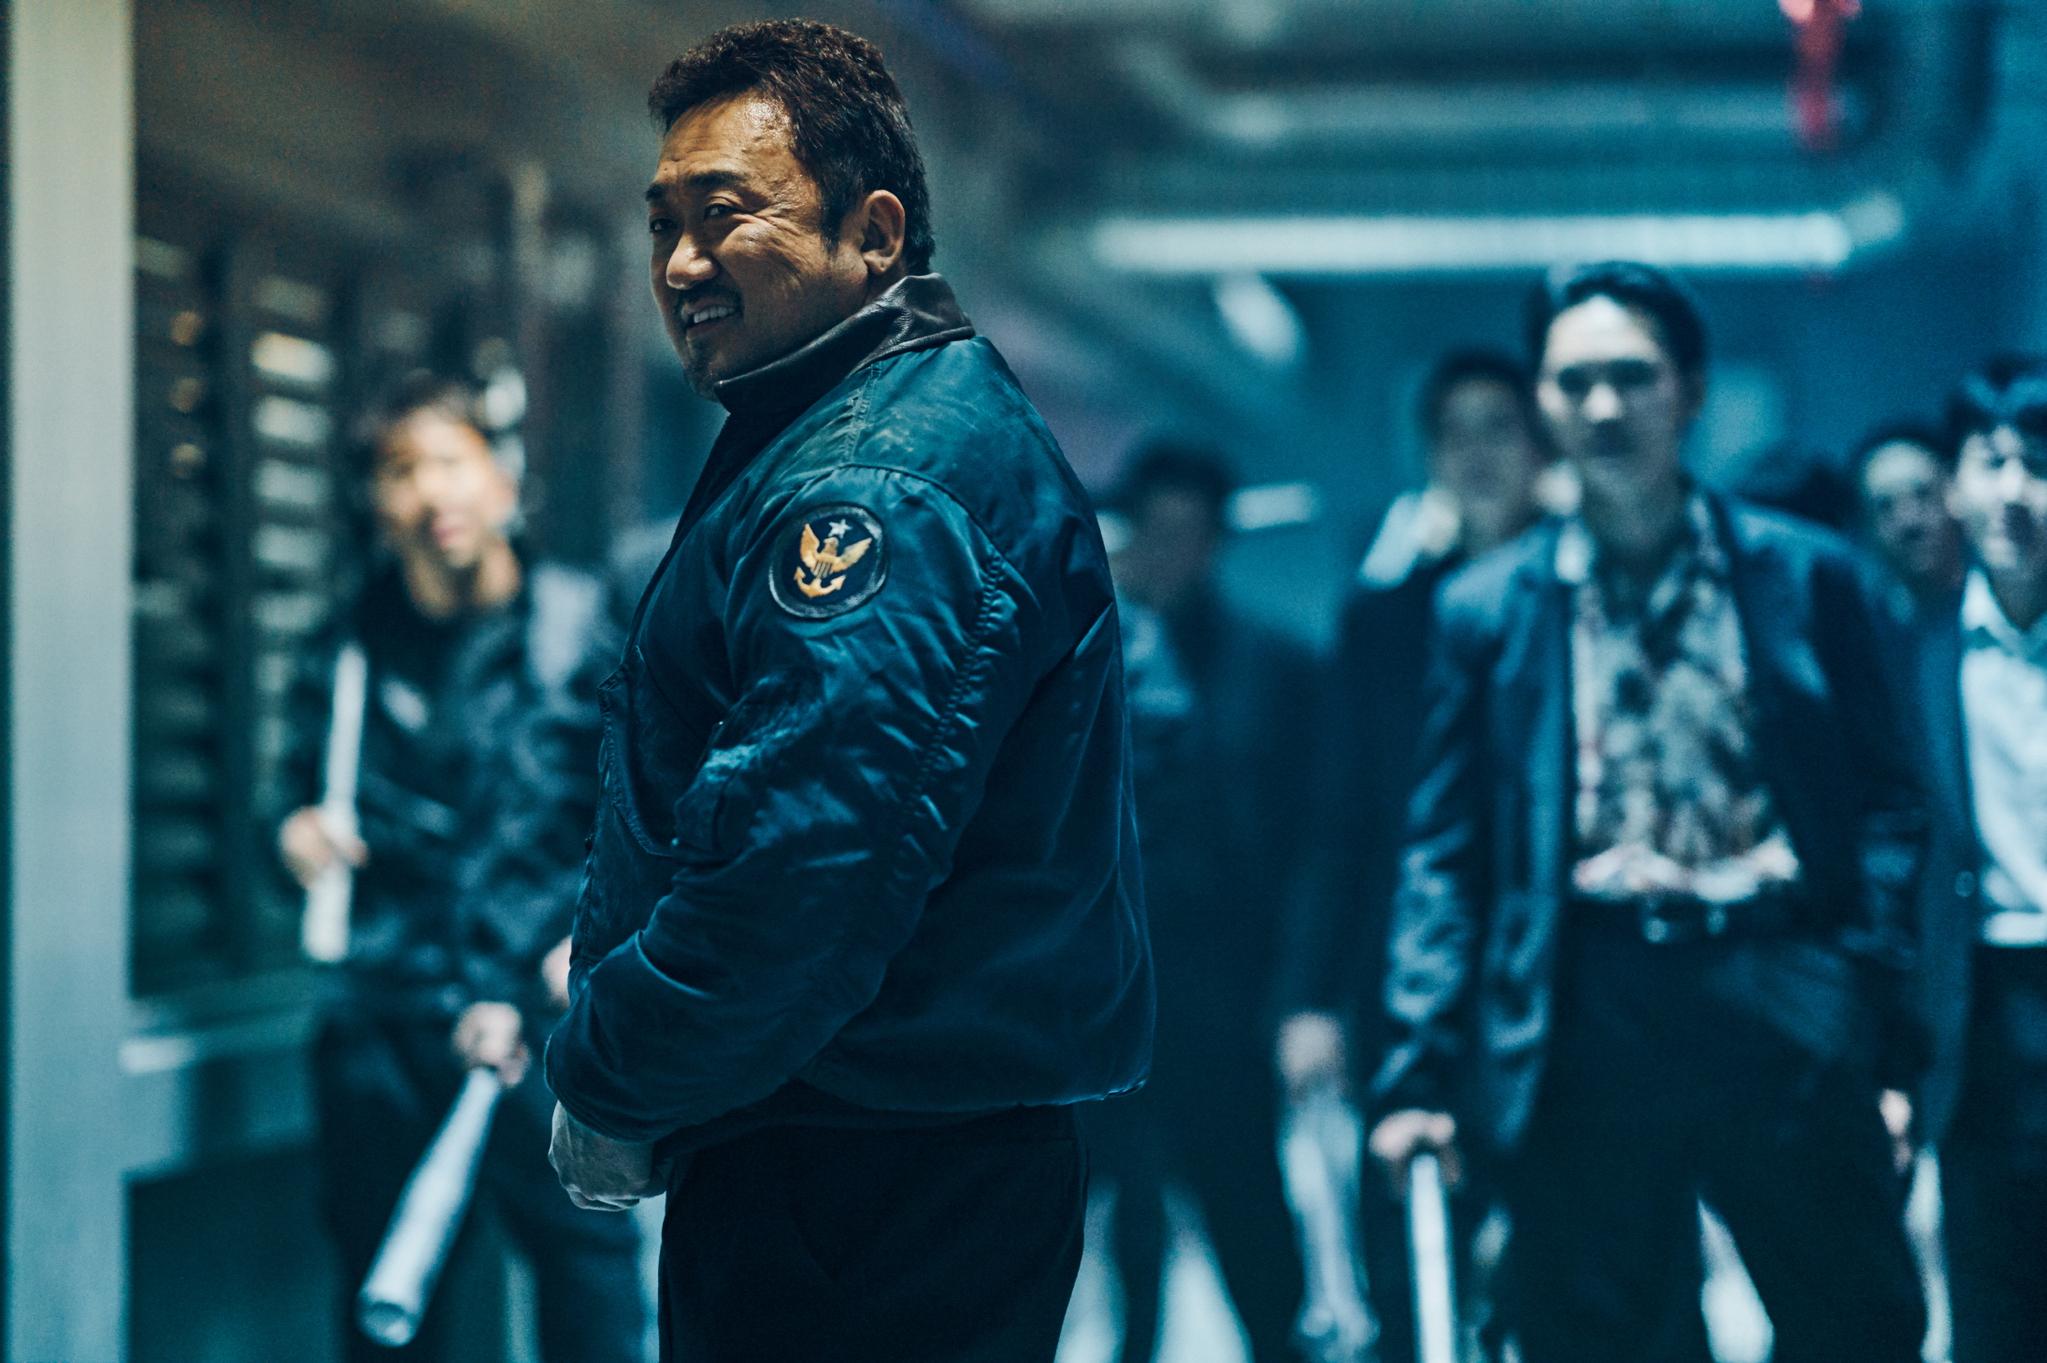 올해, '어벤져스: 엔드게임' 등 외화의 강세가 두드러지고 한국 영화에 맥을 못 추는 가운데, 추석을 맞이해 세 작품이 등장했습니다.